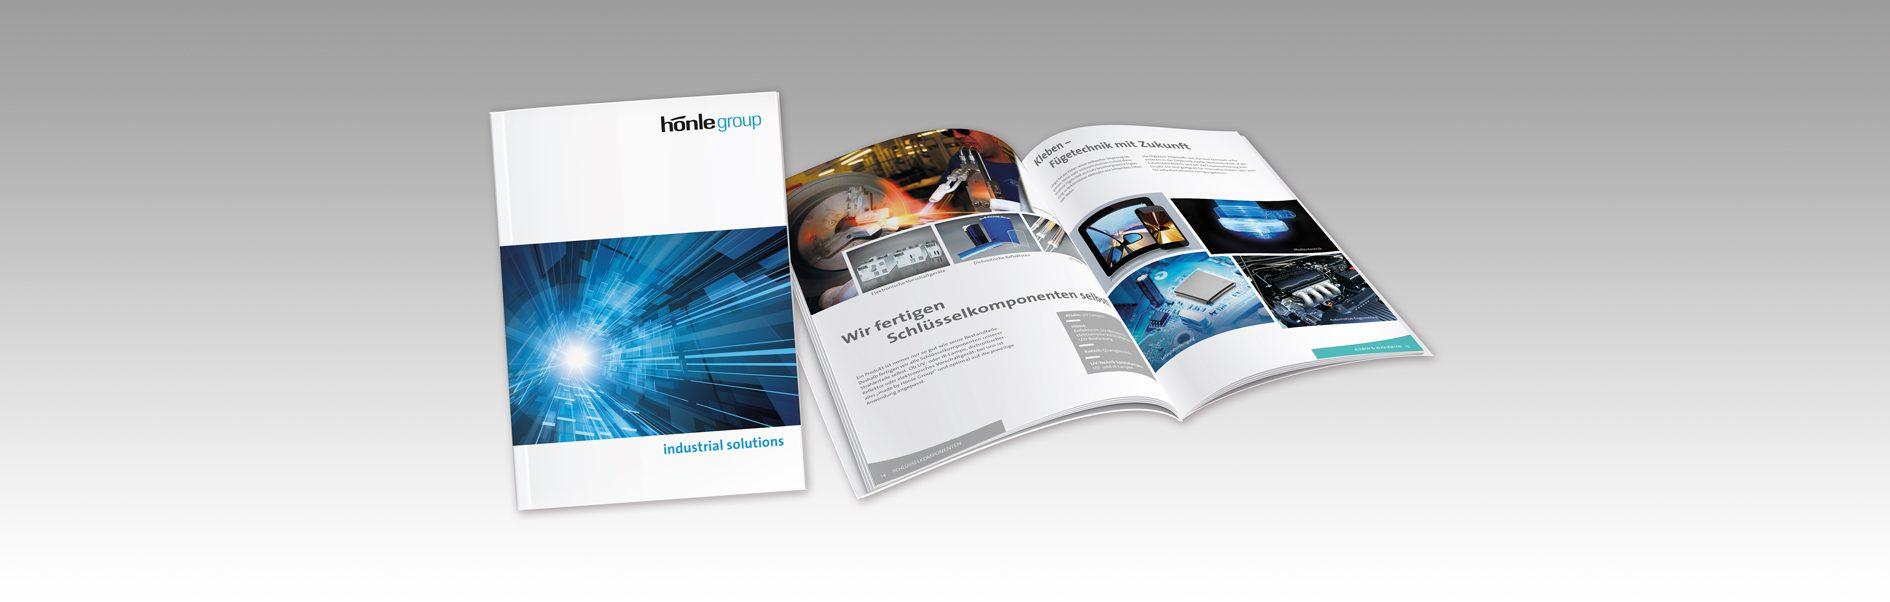 Hier ist der Titel und eine Doppelseite der 24-seitigen Unternehmensbroschüre abgebildet.